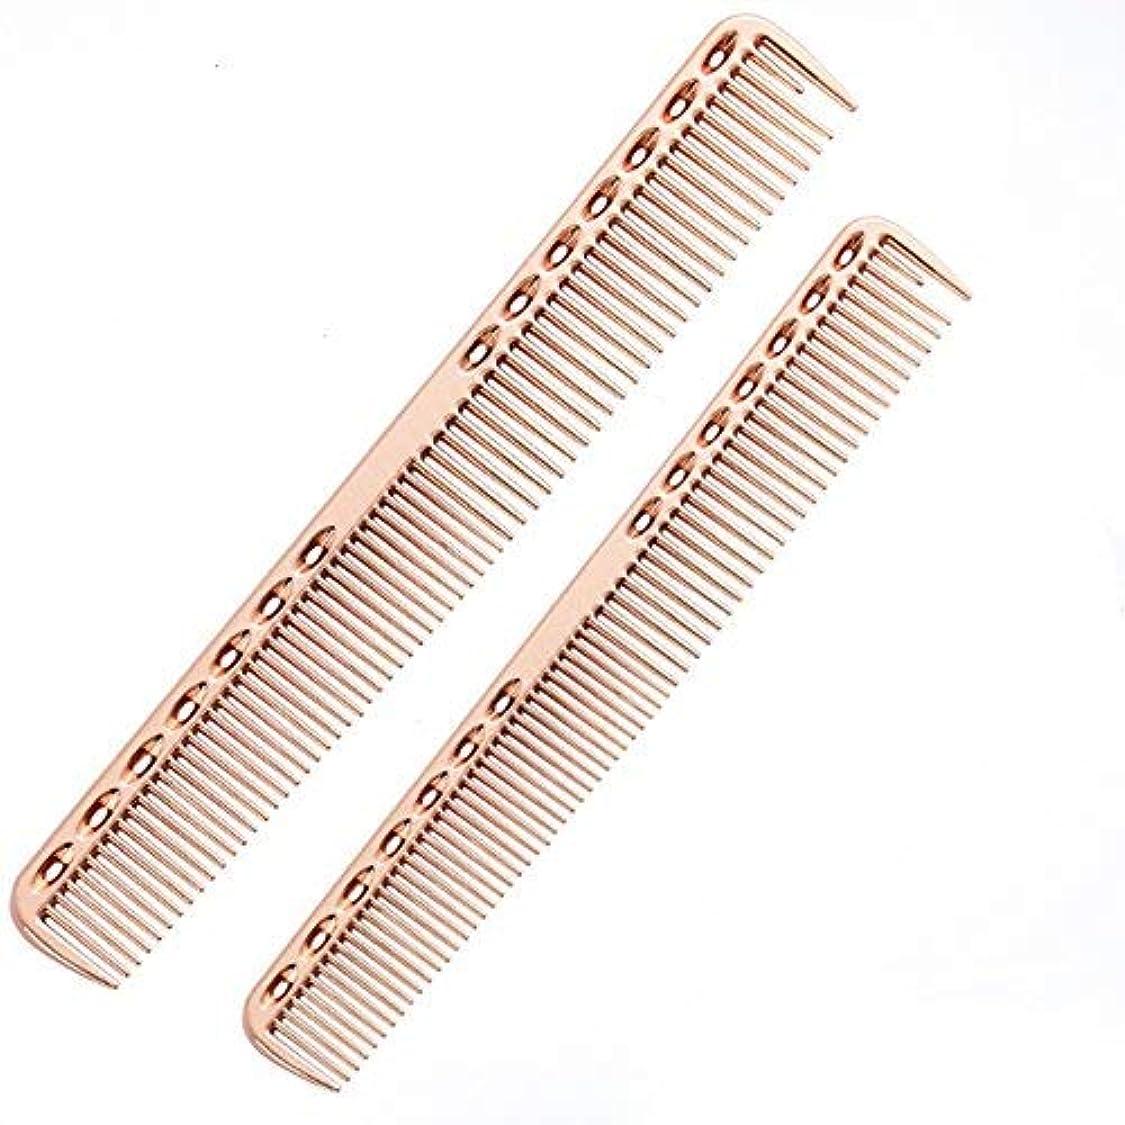 くしゃくしゃ巨大ドライブSMITH CHU Professional Space Aluminum Dressing Combs for Women - Best Styling Comb for Long,Wet or Curly, Reduce...